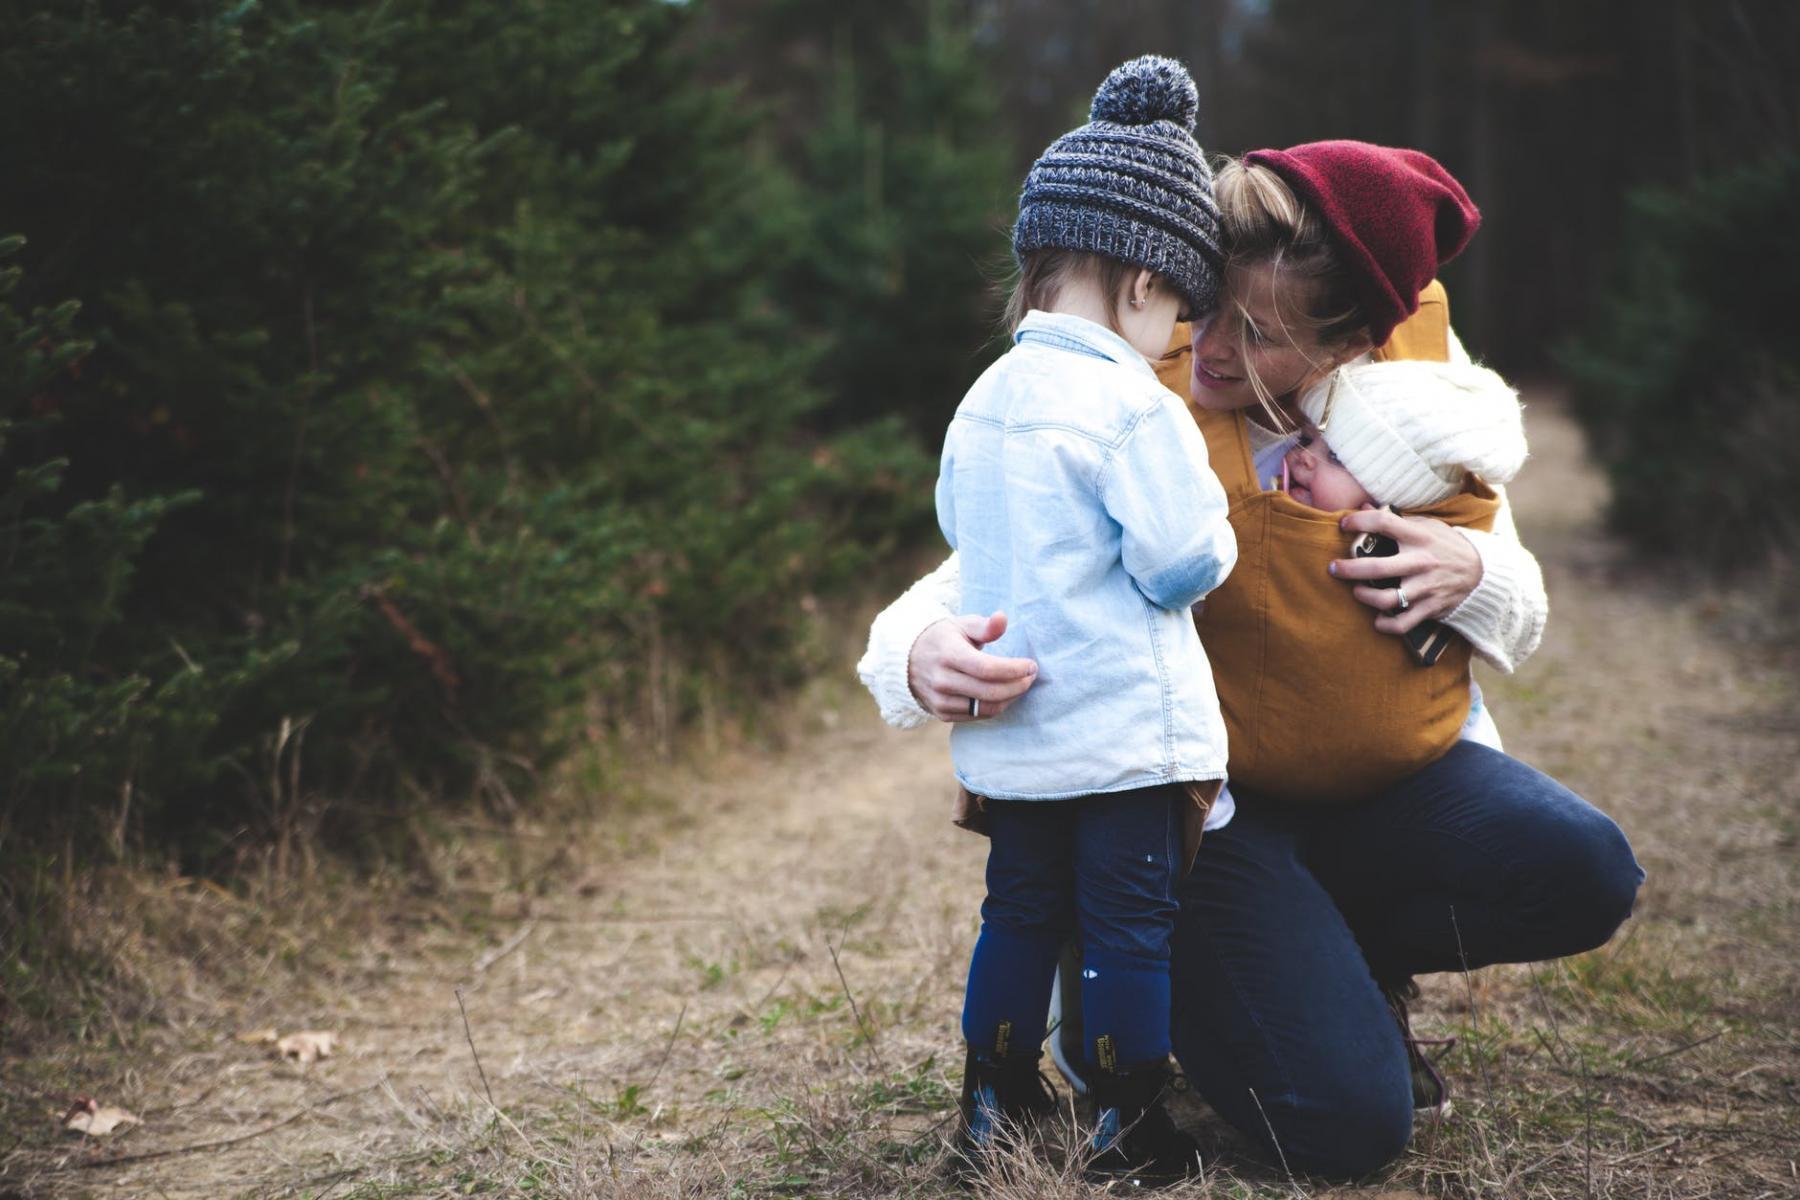 Фото Насморк у ребёнка: как правильно лечить ОРВИ и что категорически нельзя делать, рассказал врач-педиатр 2